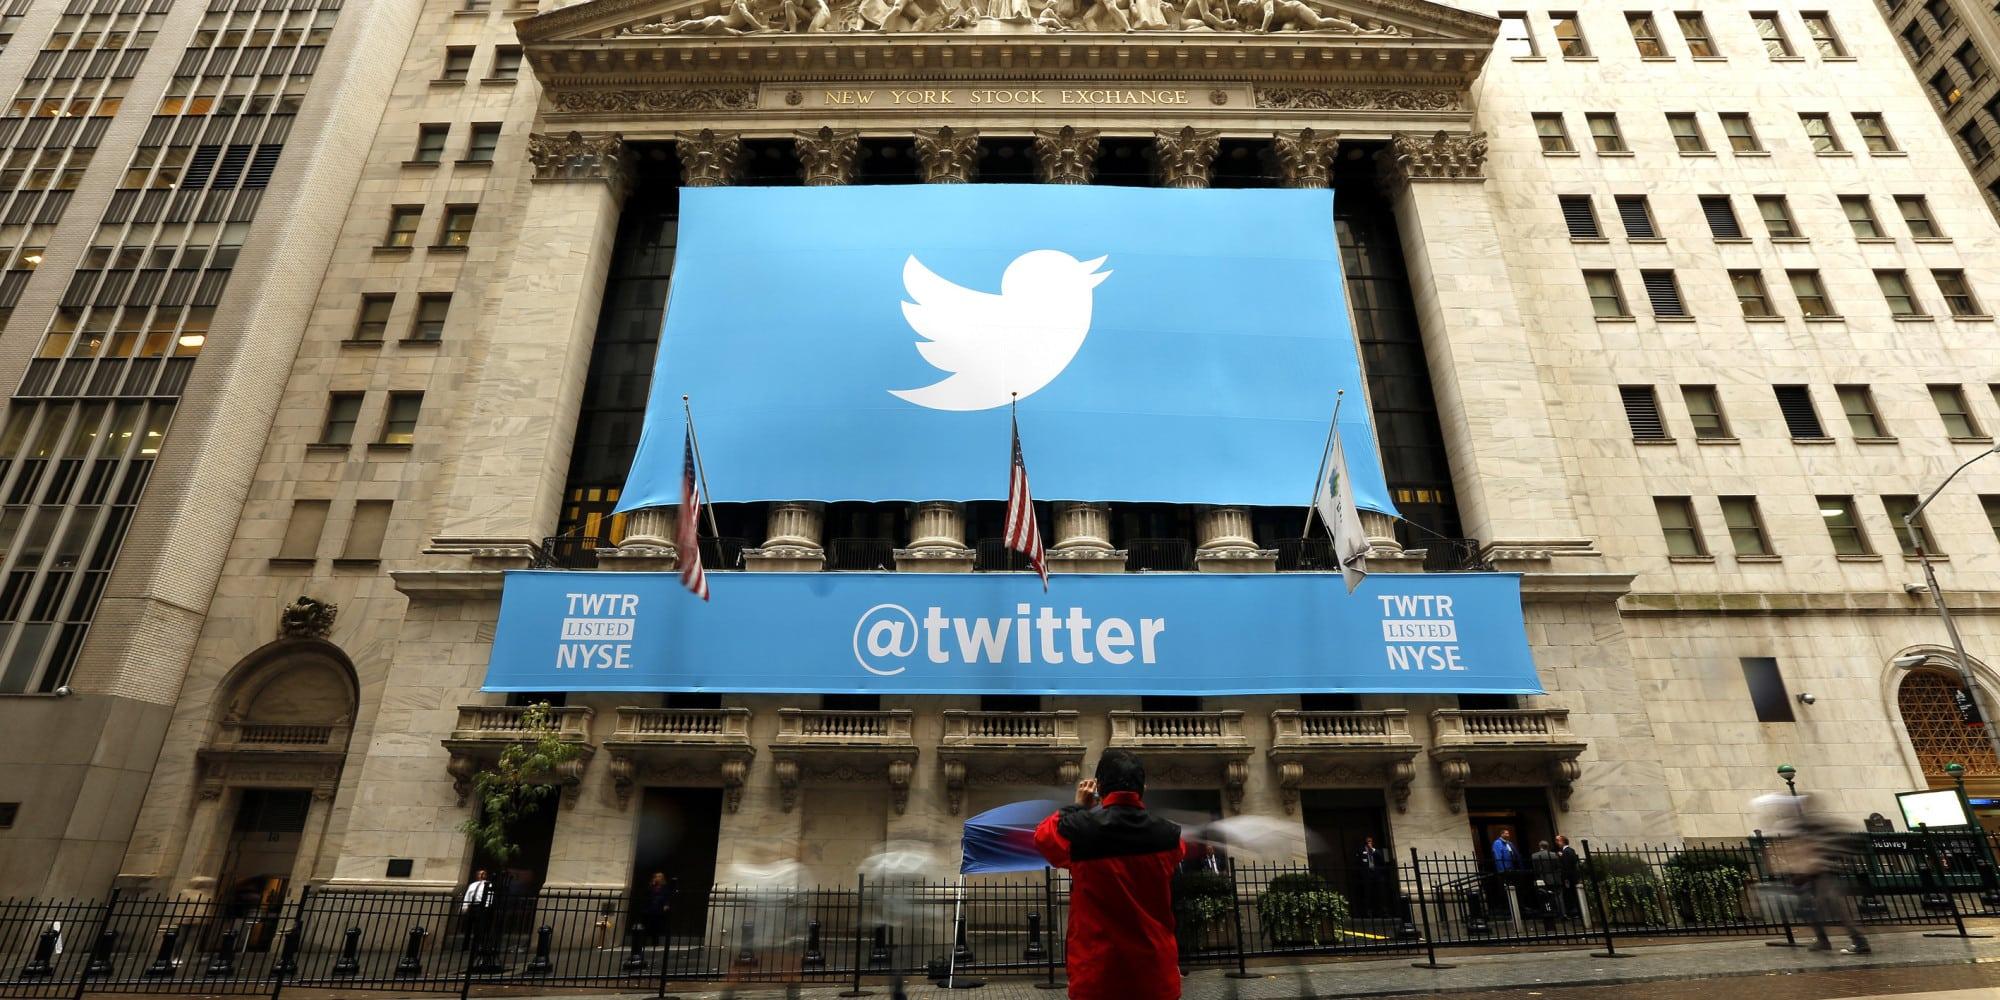 Twitter: La empresa espera consolidar a sus usuarios y luego encontrar formas de generar recursos.